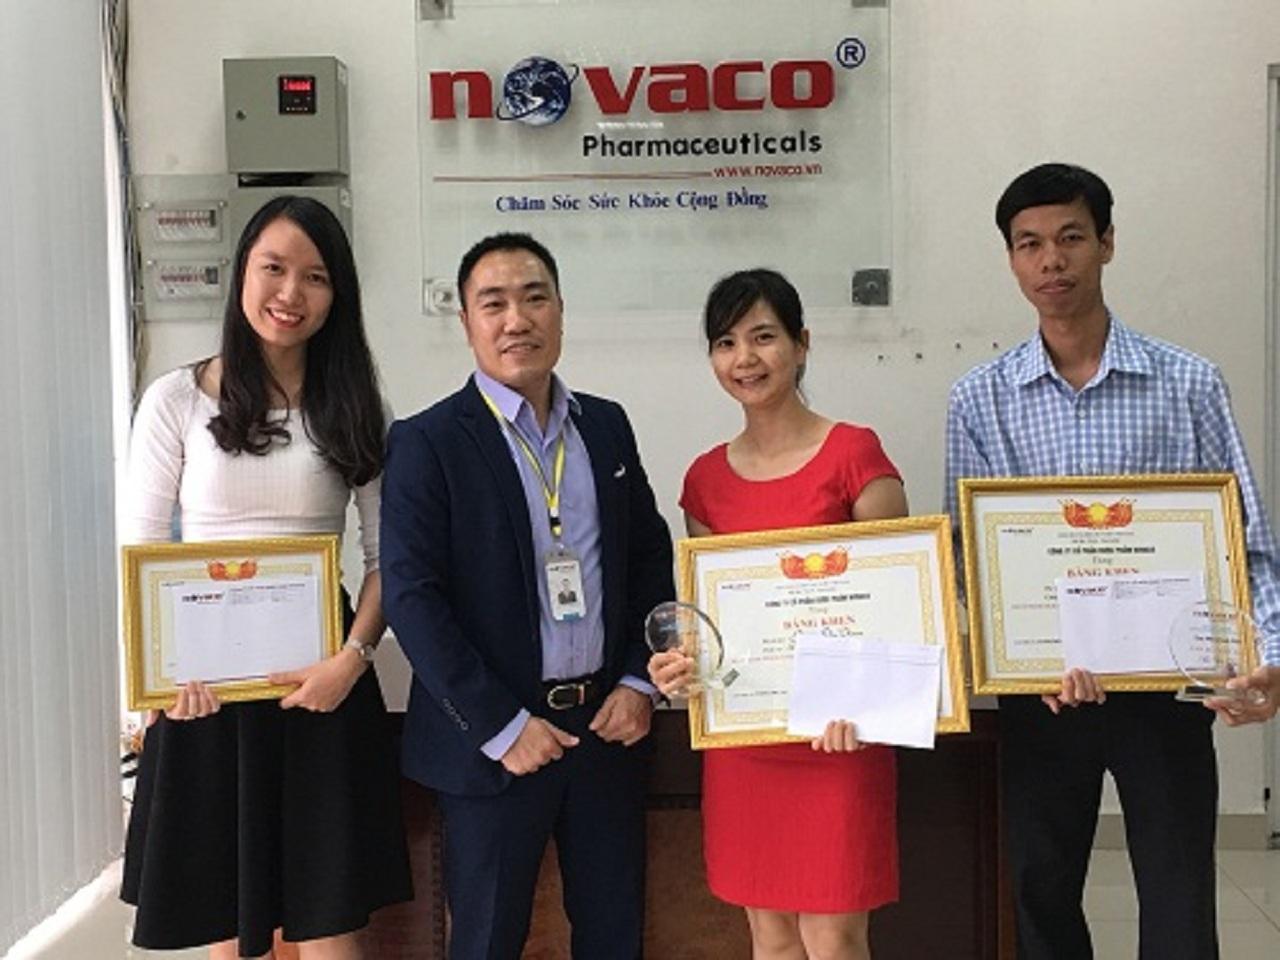 Báo cáo tổng kết thi đua và khen thưởng chi nhánh Công ty tại TP. HCM năm 2017